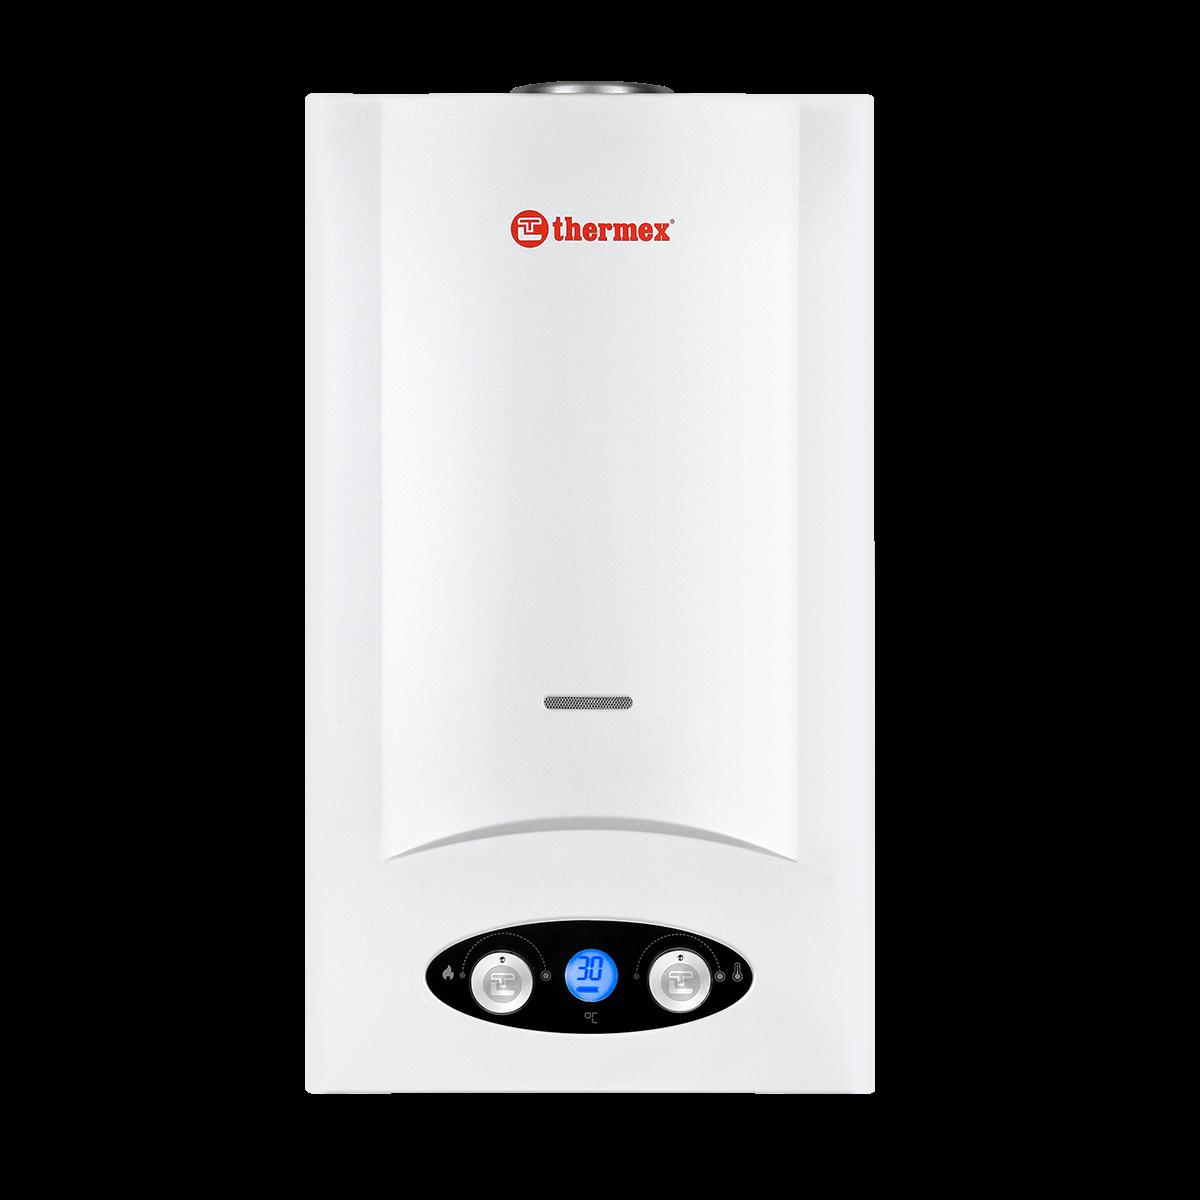 Проточный газовый водонагреватель Thermex G 28 D (Pearl white) (351105)